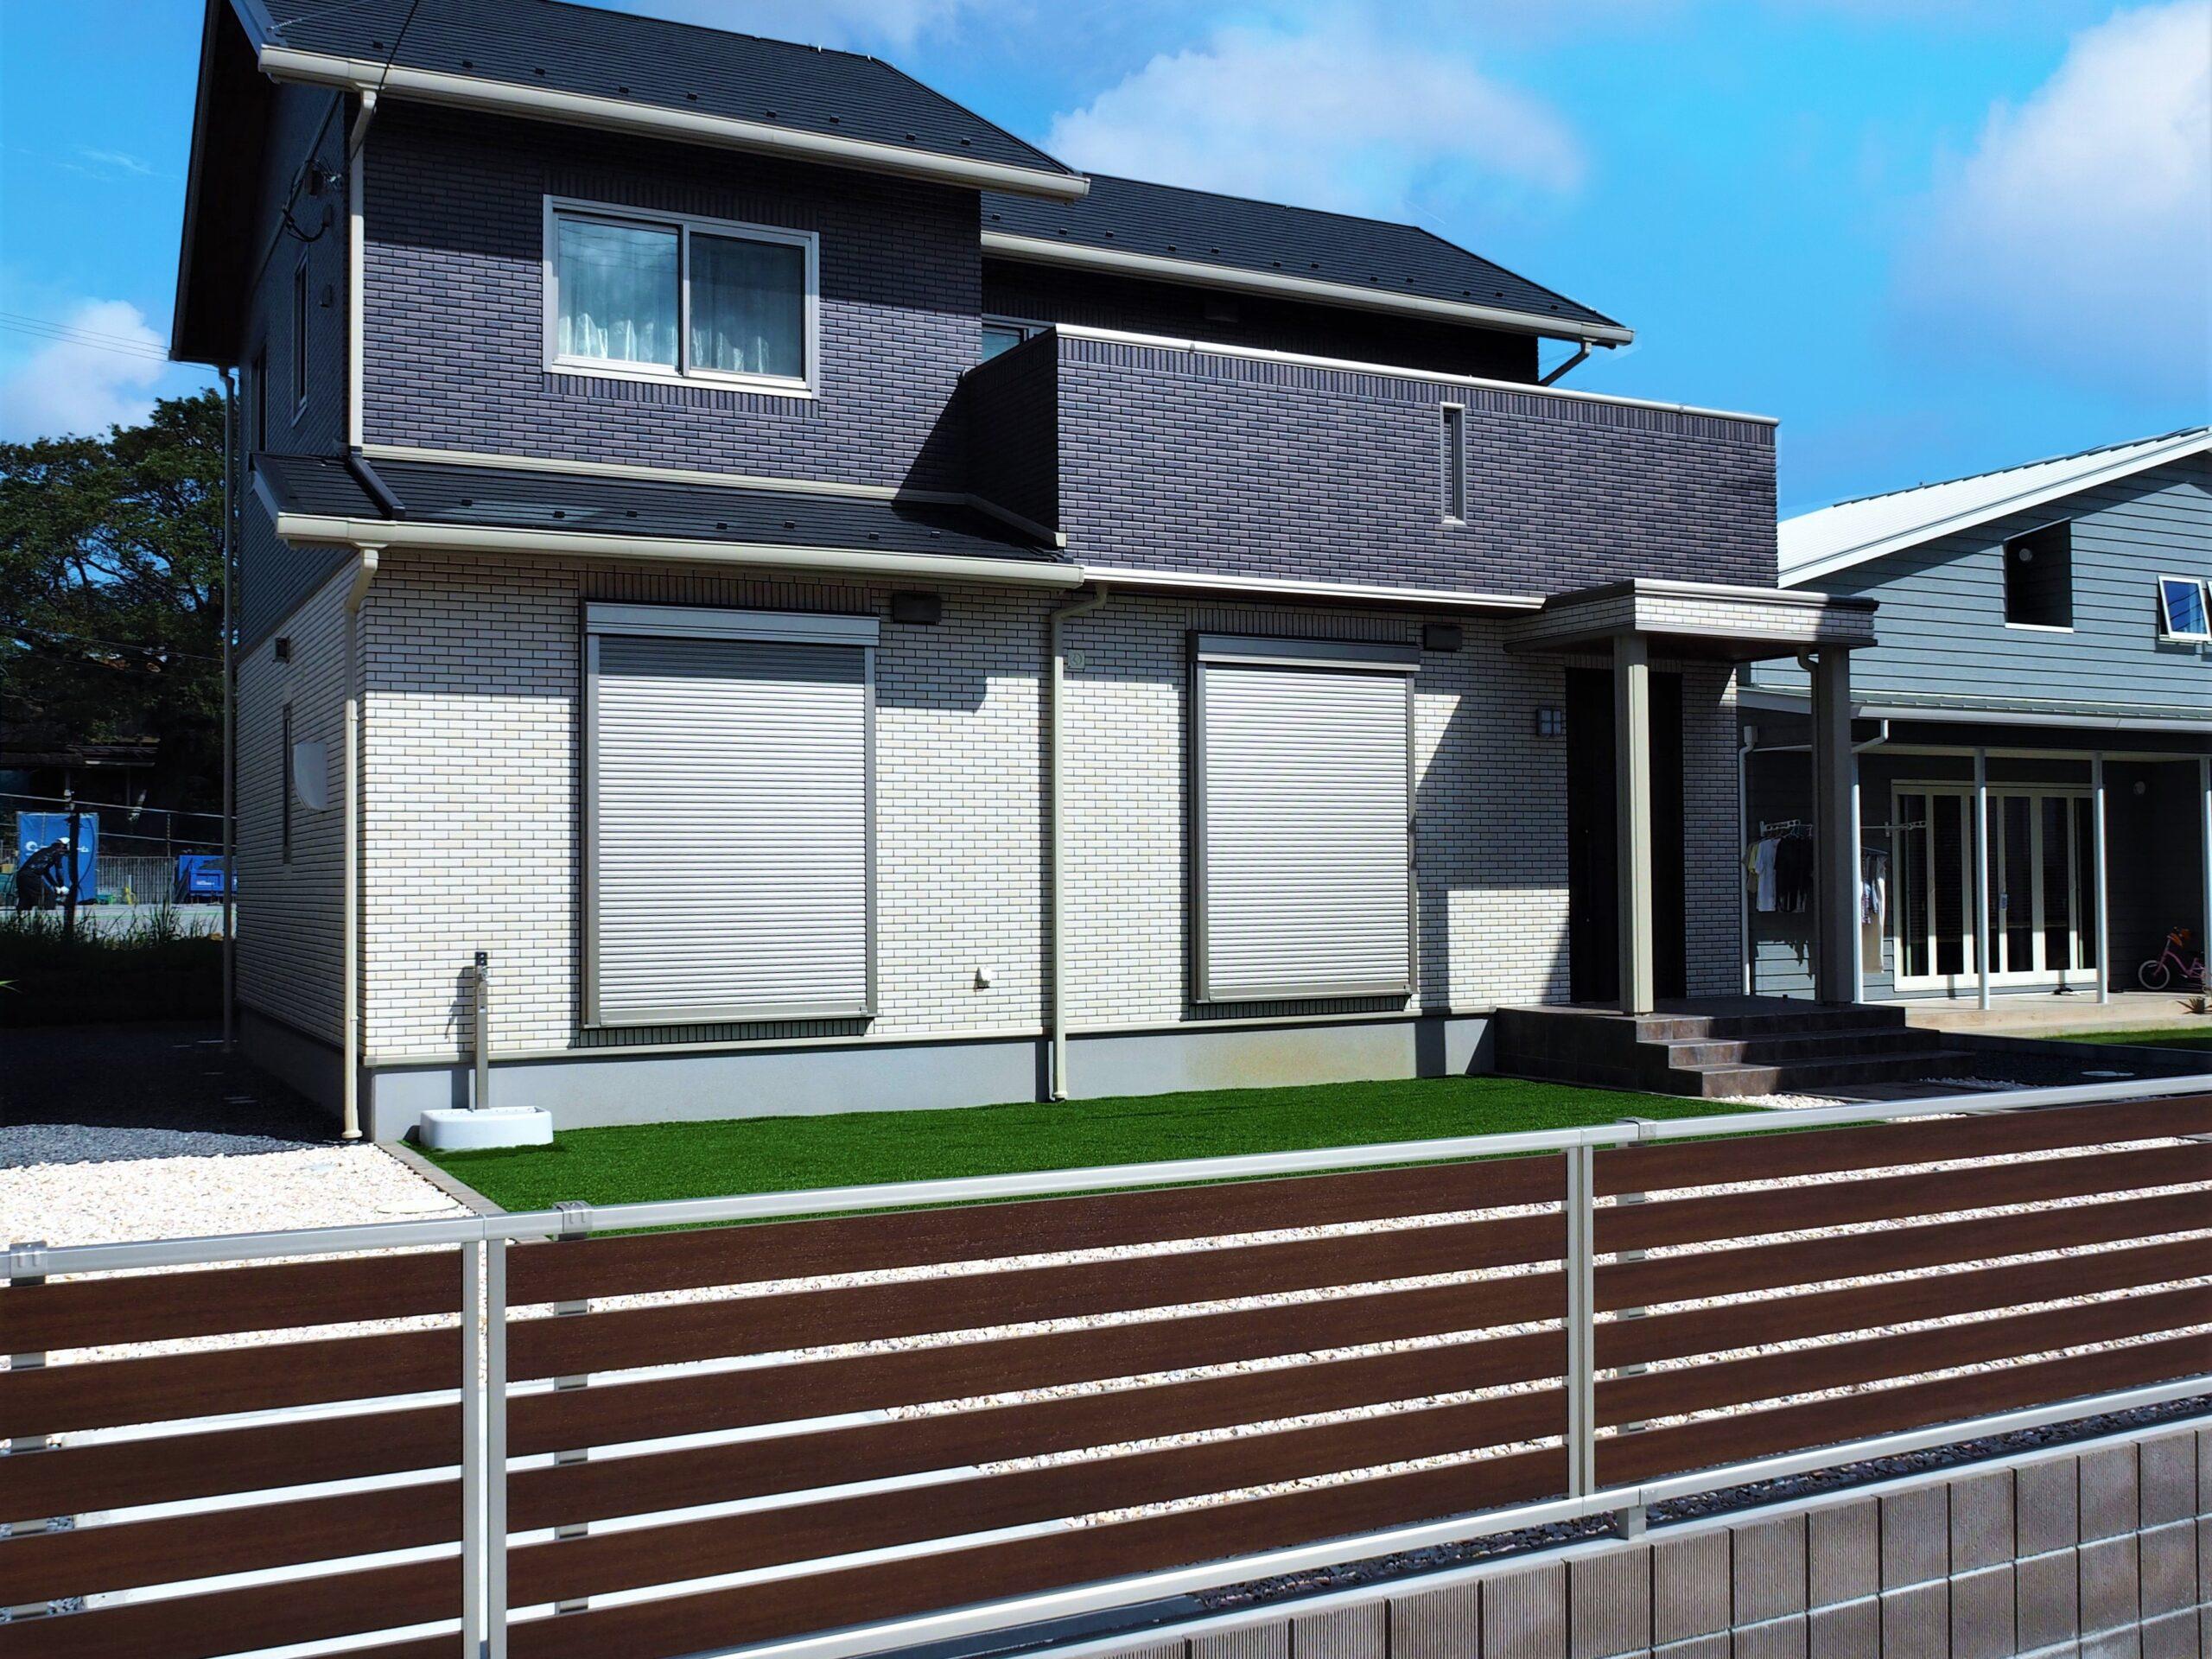 【つくば市 Y様邸】 広々とした敷地に広がる人工芝が目に鮮やかなエクステリア